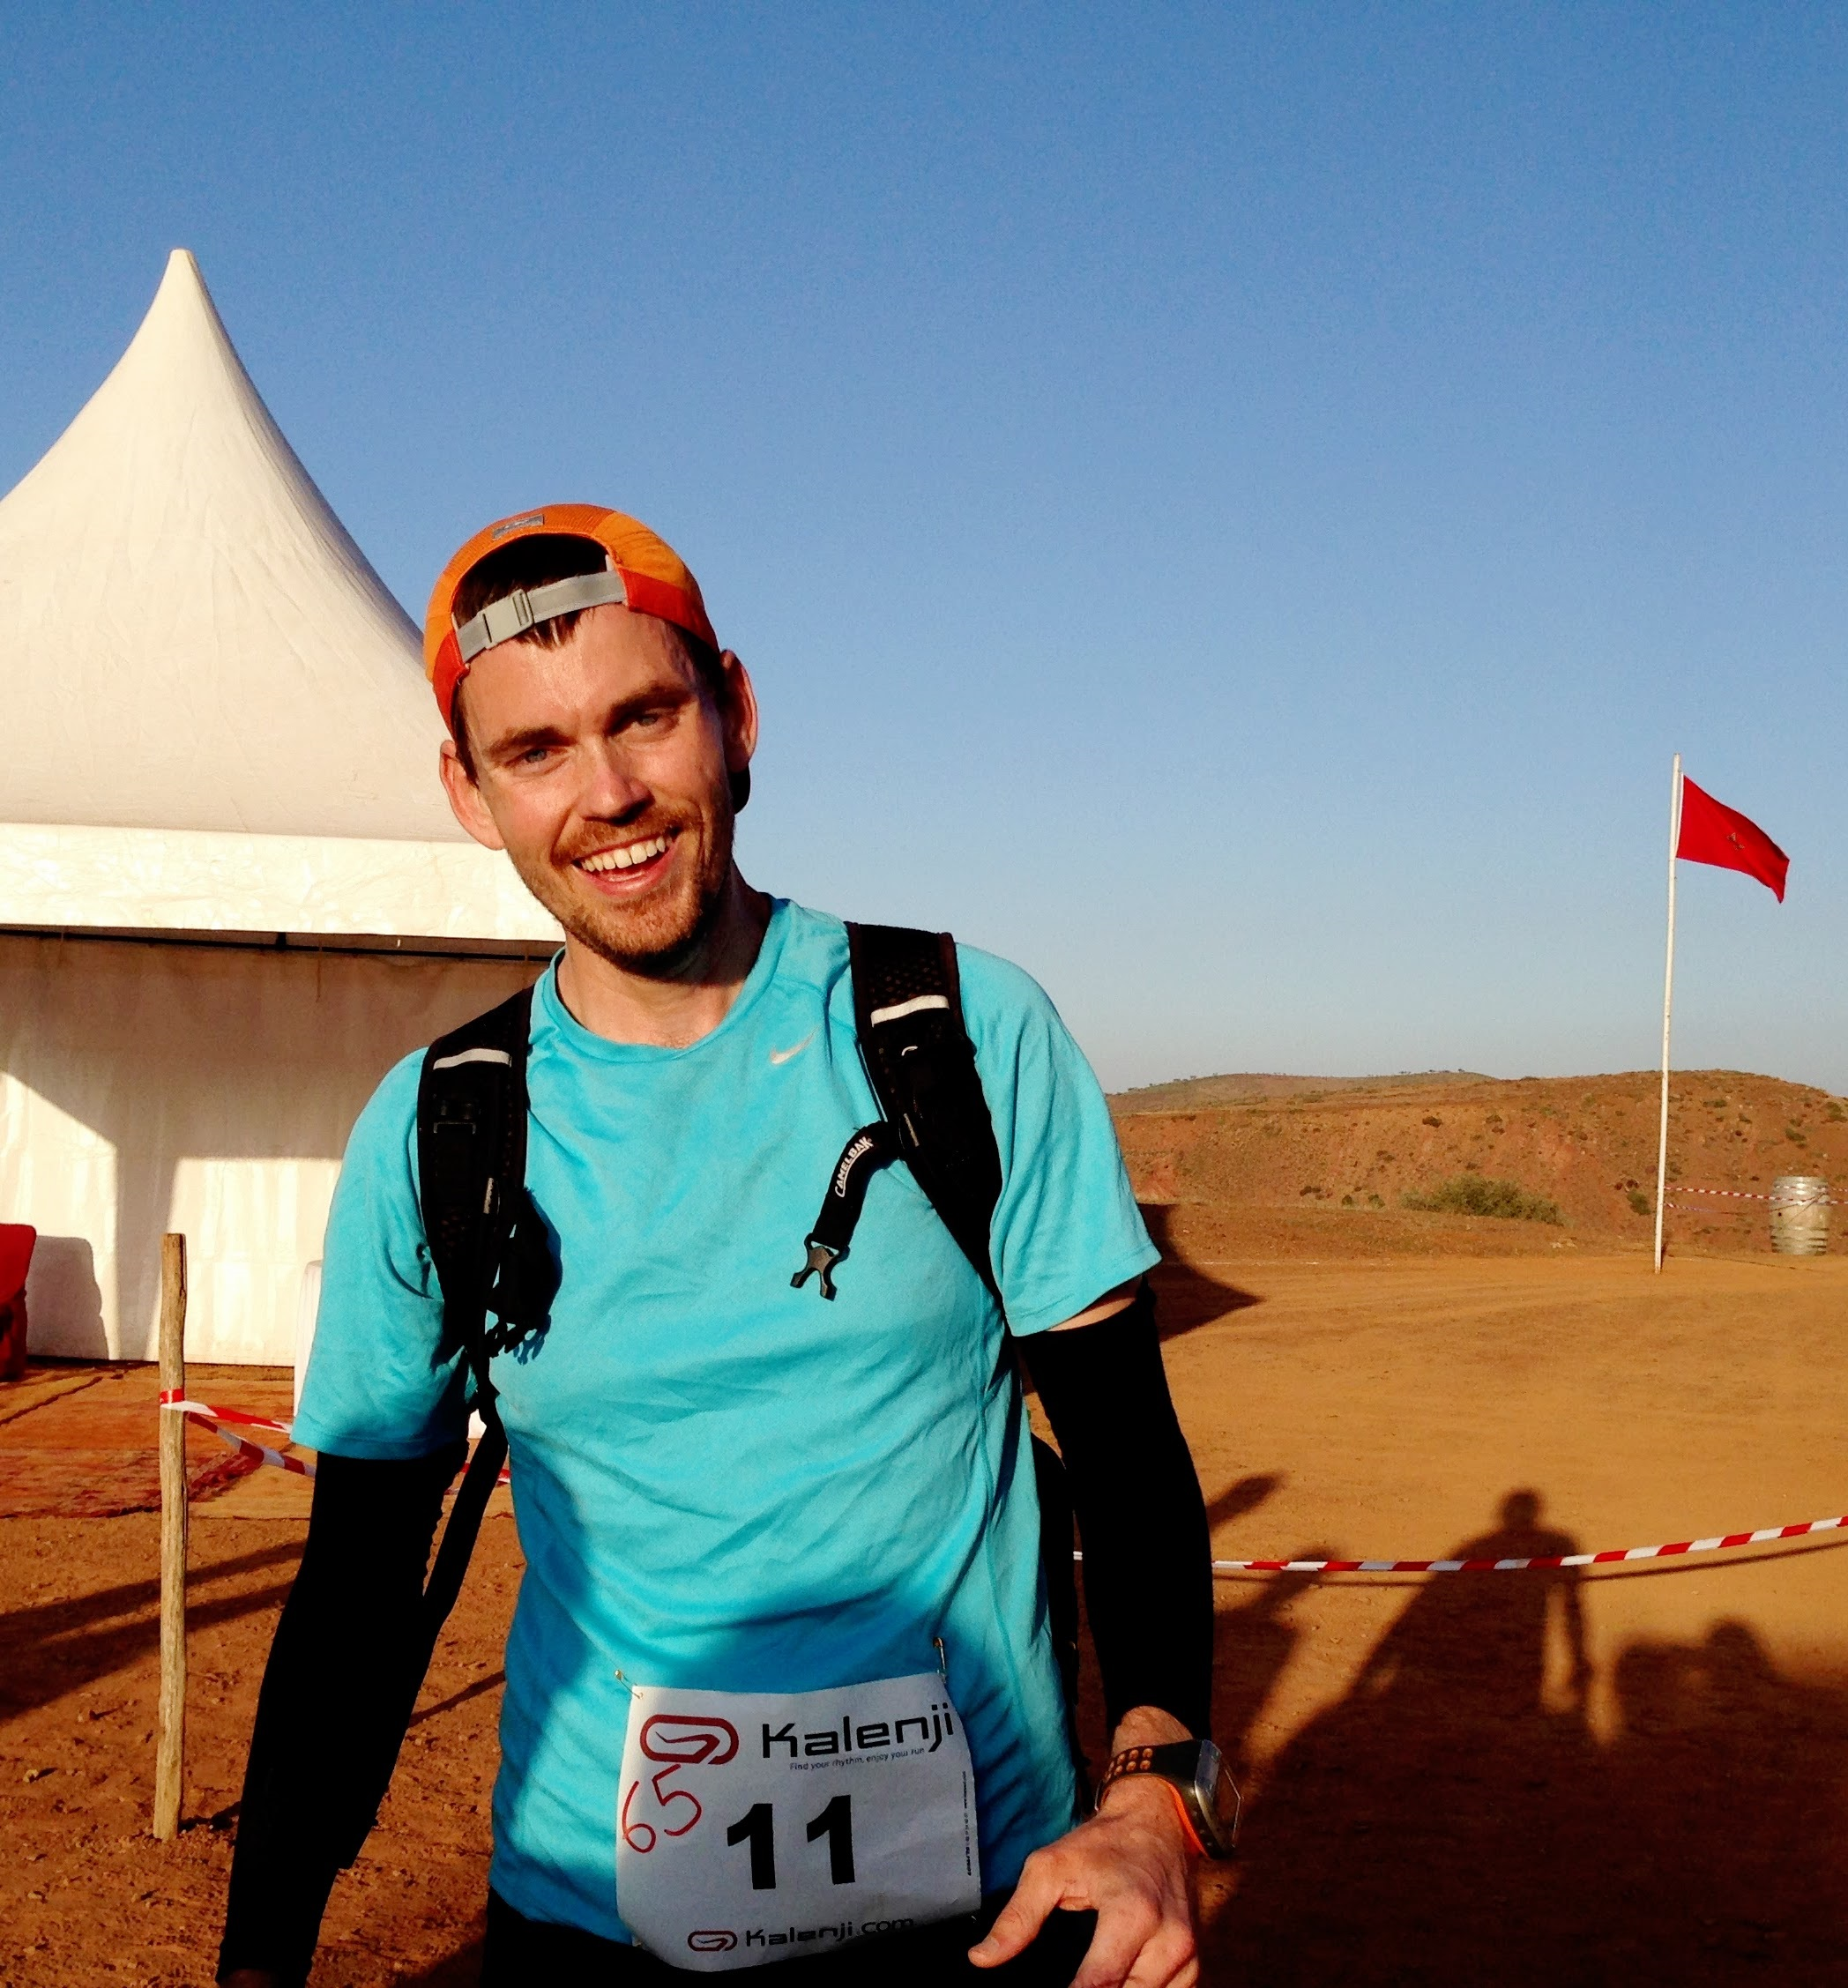 Jonathan finishing a trail race